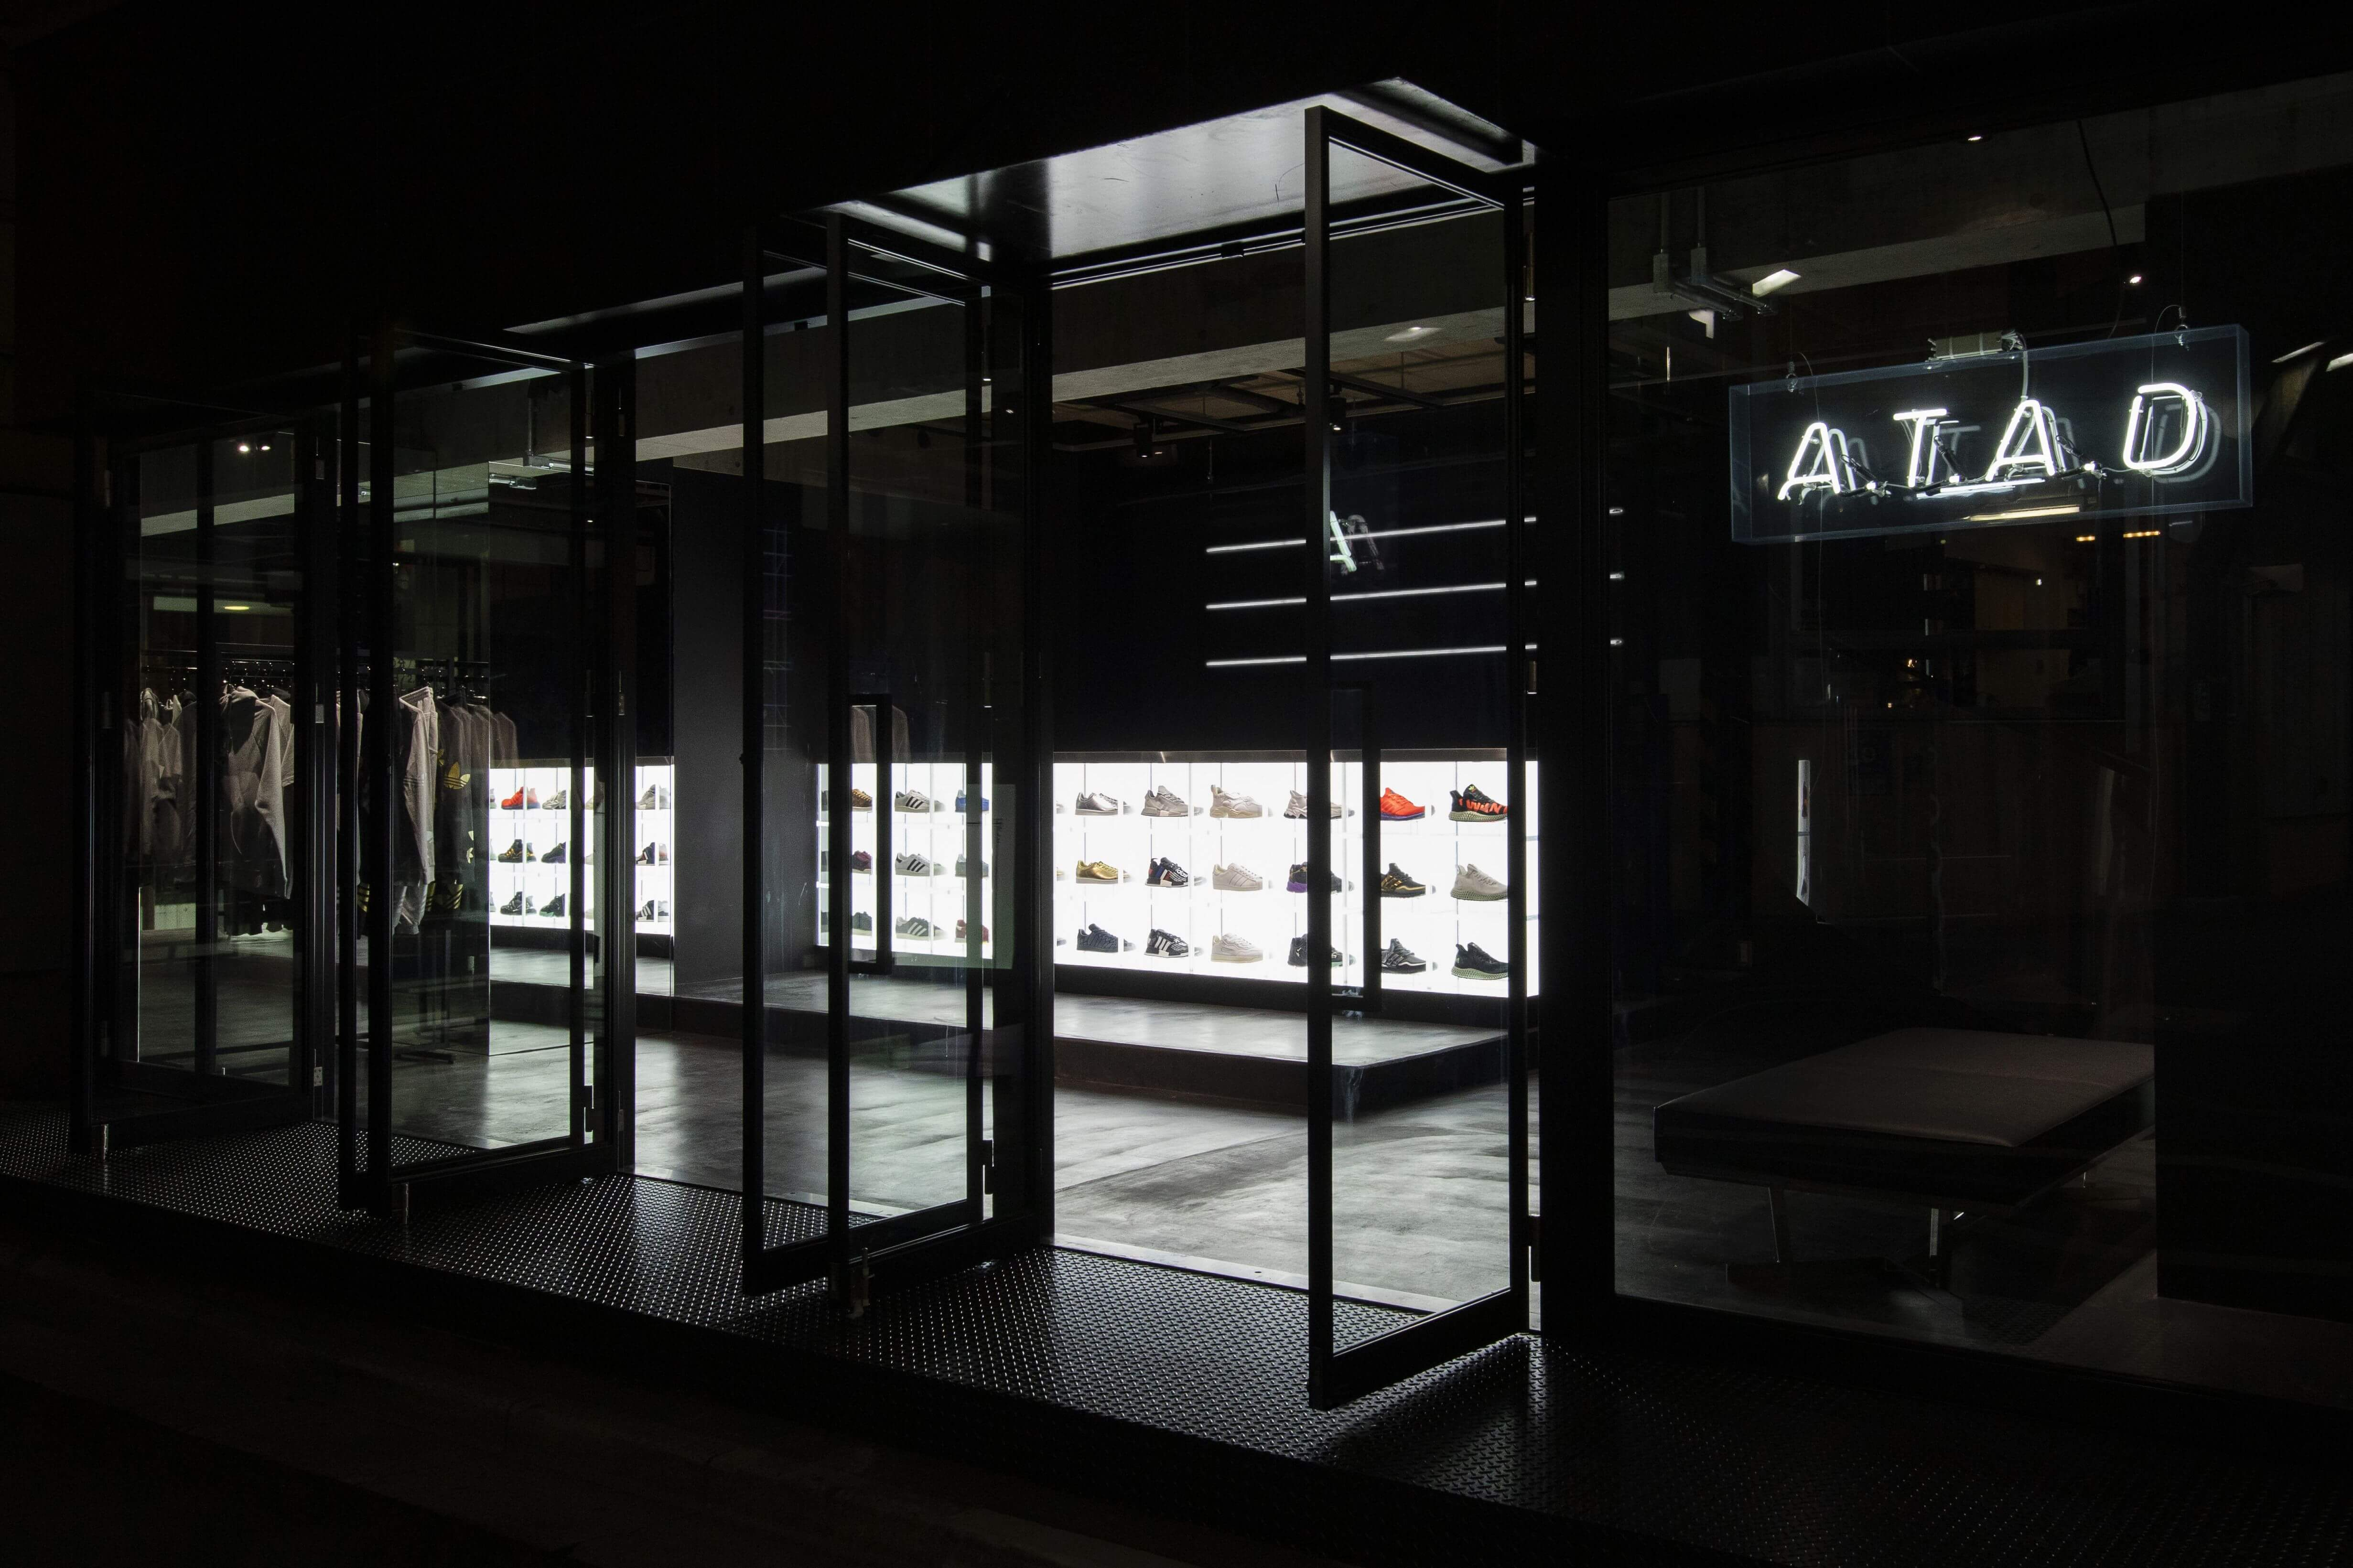 a-t-a-d-adidas-atmos-%e5%8e%9f%e5%ae%bf-harajuku